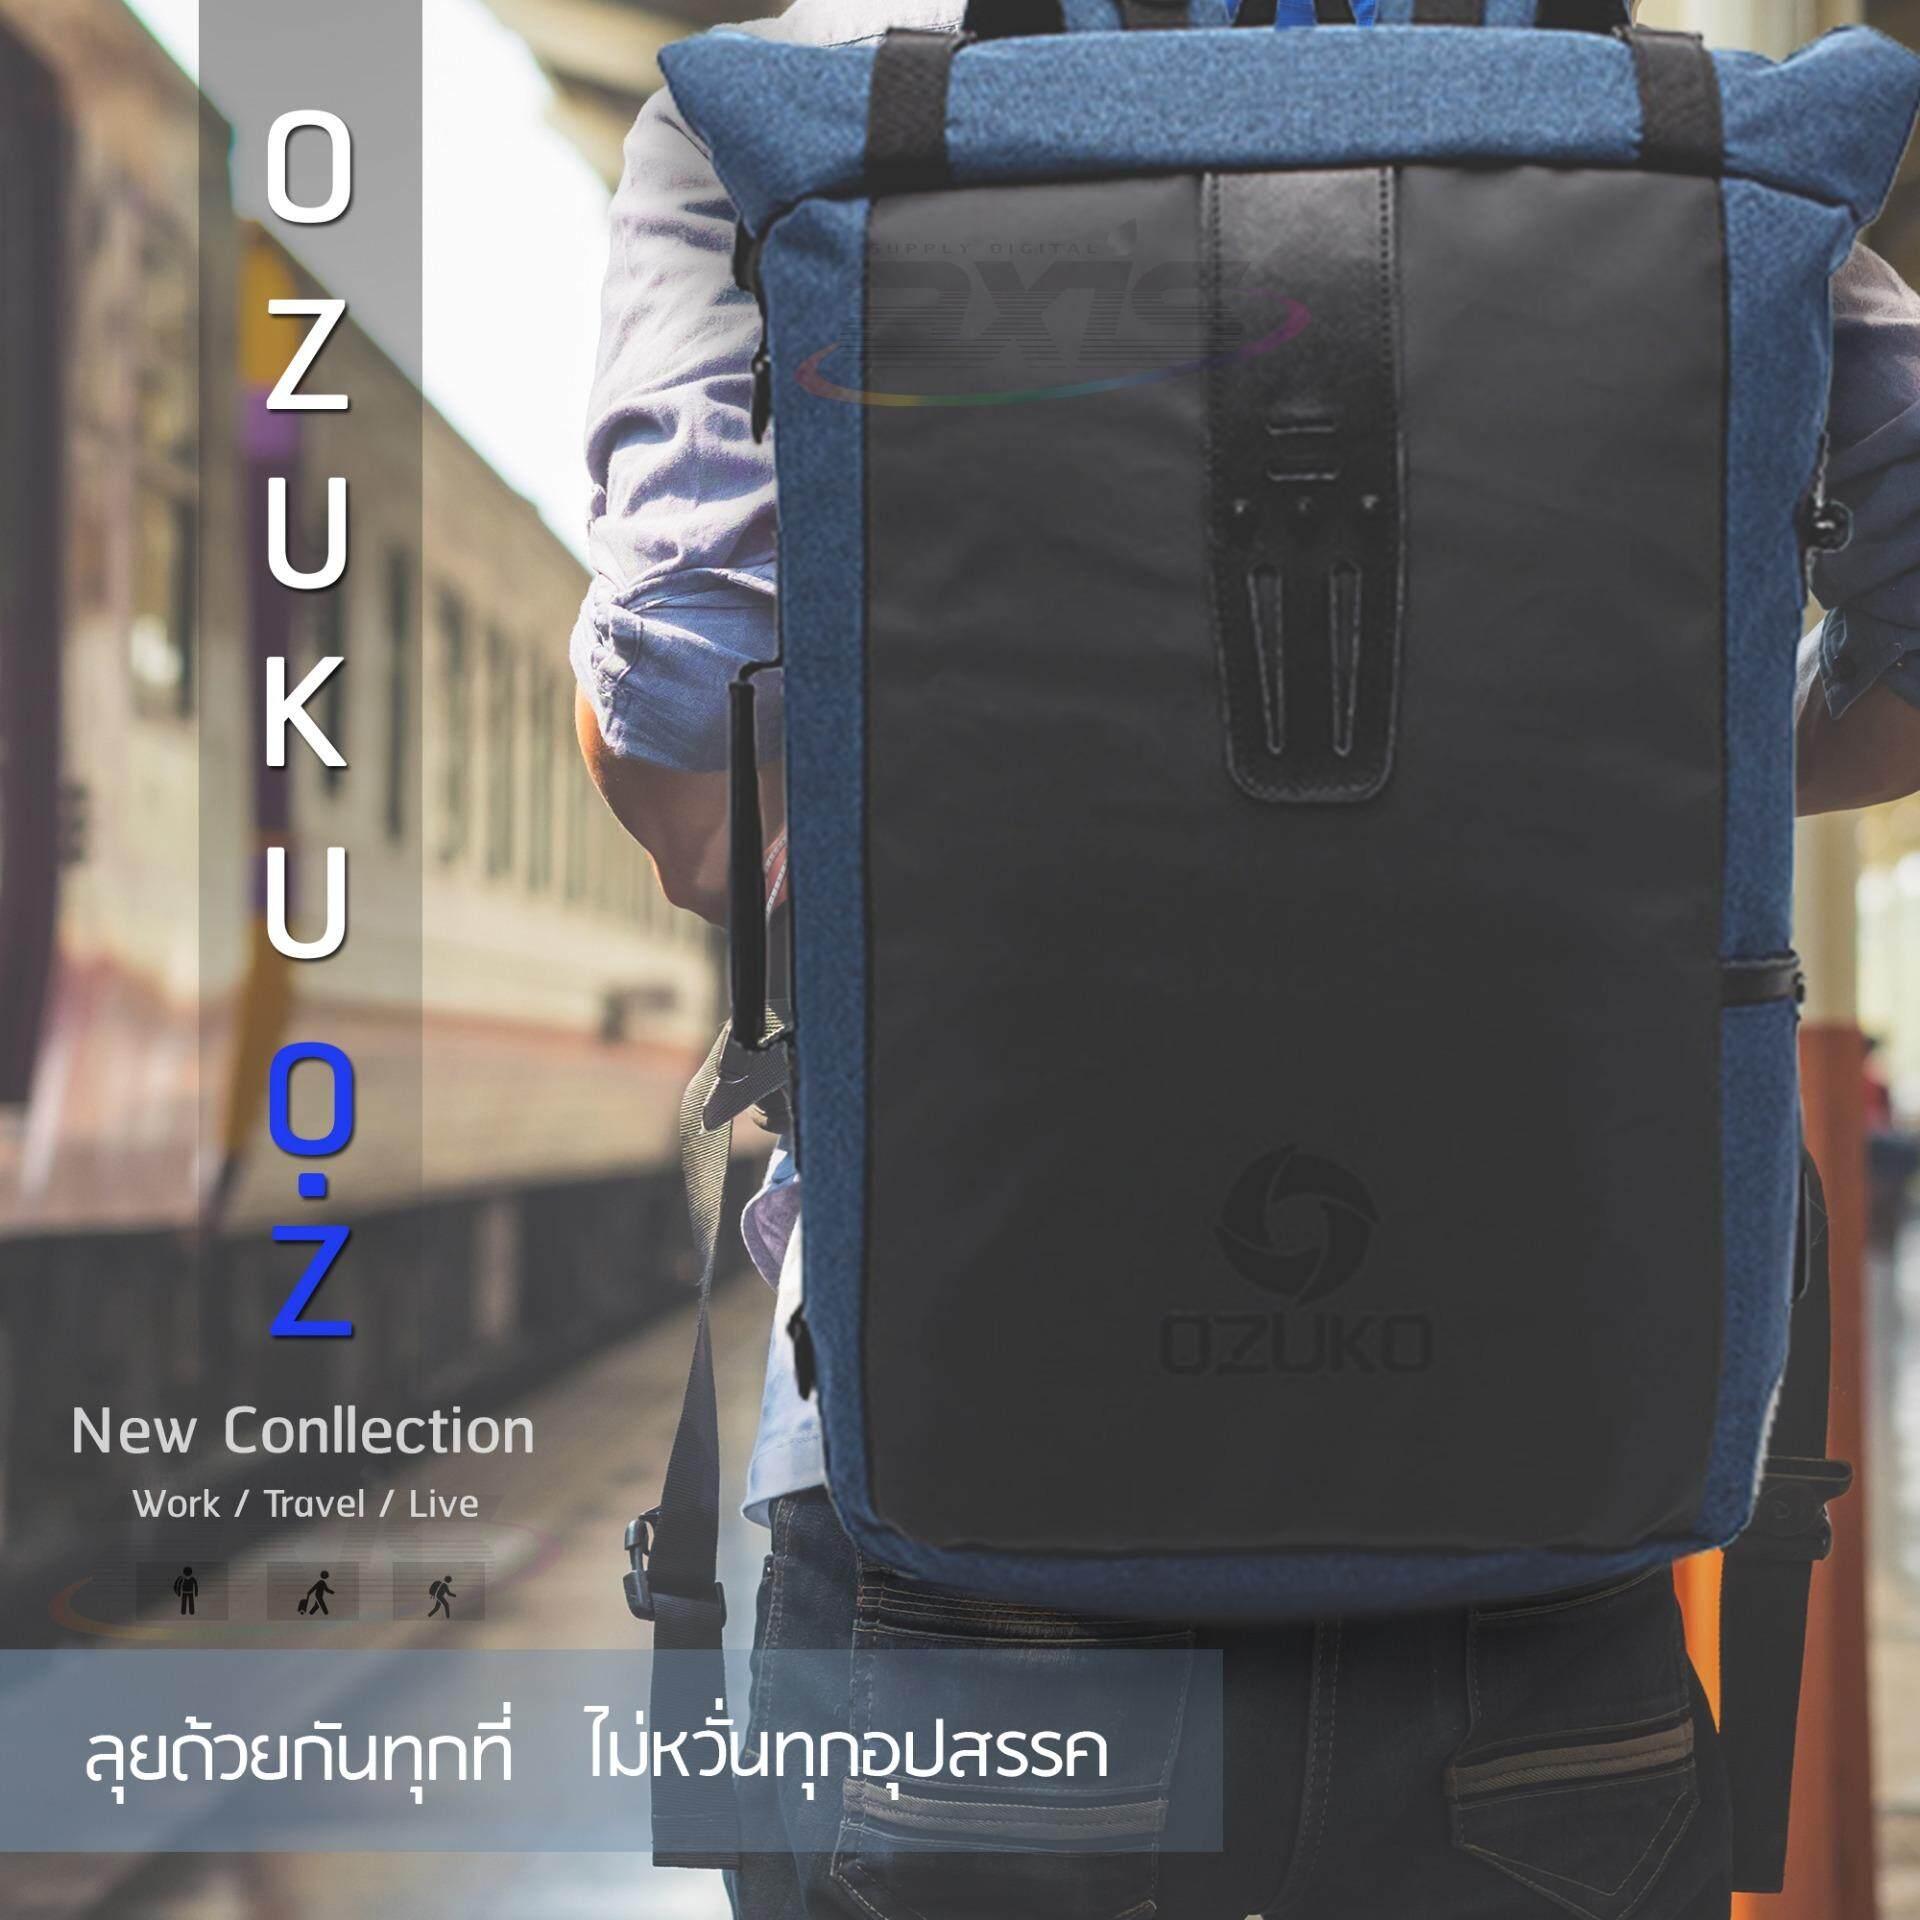 ขาย Ozuko Backpack รุ่น Oz Survivor กระเป๋าเป้แฟชั่น กระเป๋าโน๊ตบุ๊ค เป้สะพายหลัง ใส่ของได้เยอะ สีน้ำเงิน ออนไลน์